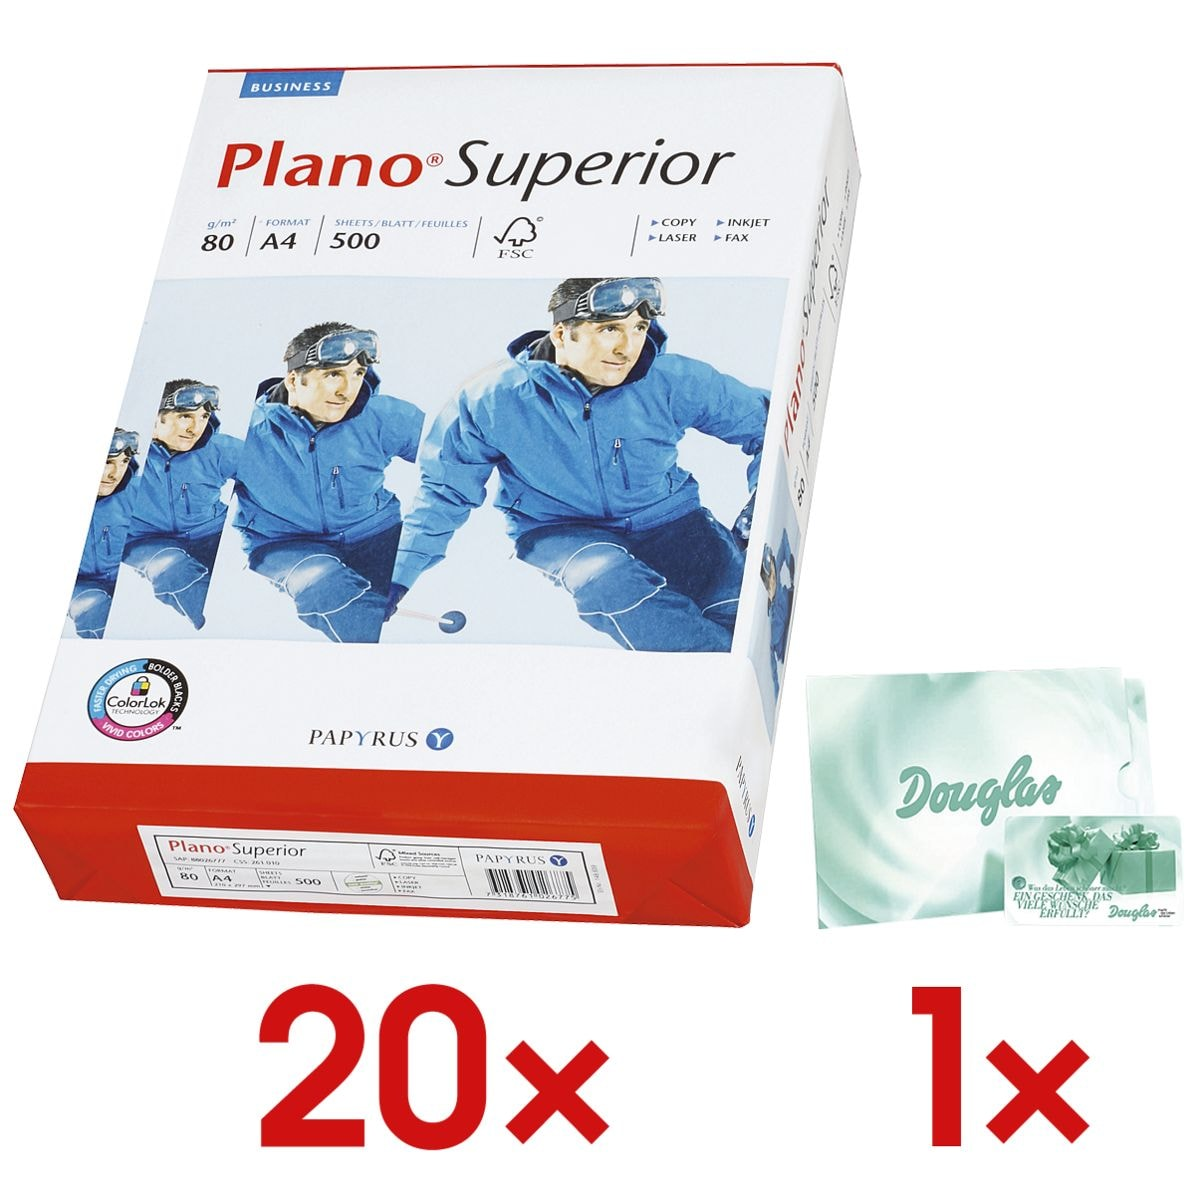 20x Multifunktionales Druckerpapier A4 Plano Superior - 10000 Blatt gesamt inkl. Douglas-Gutschein